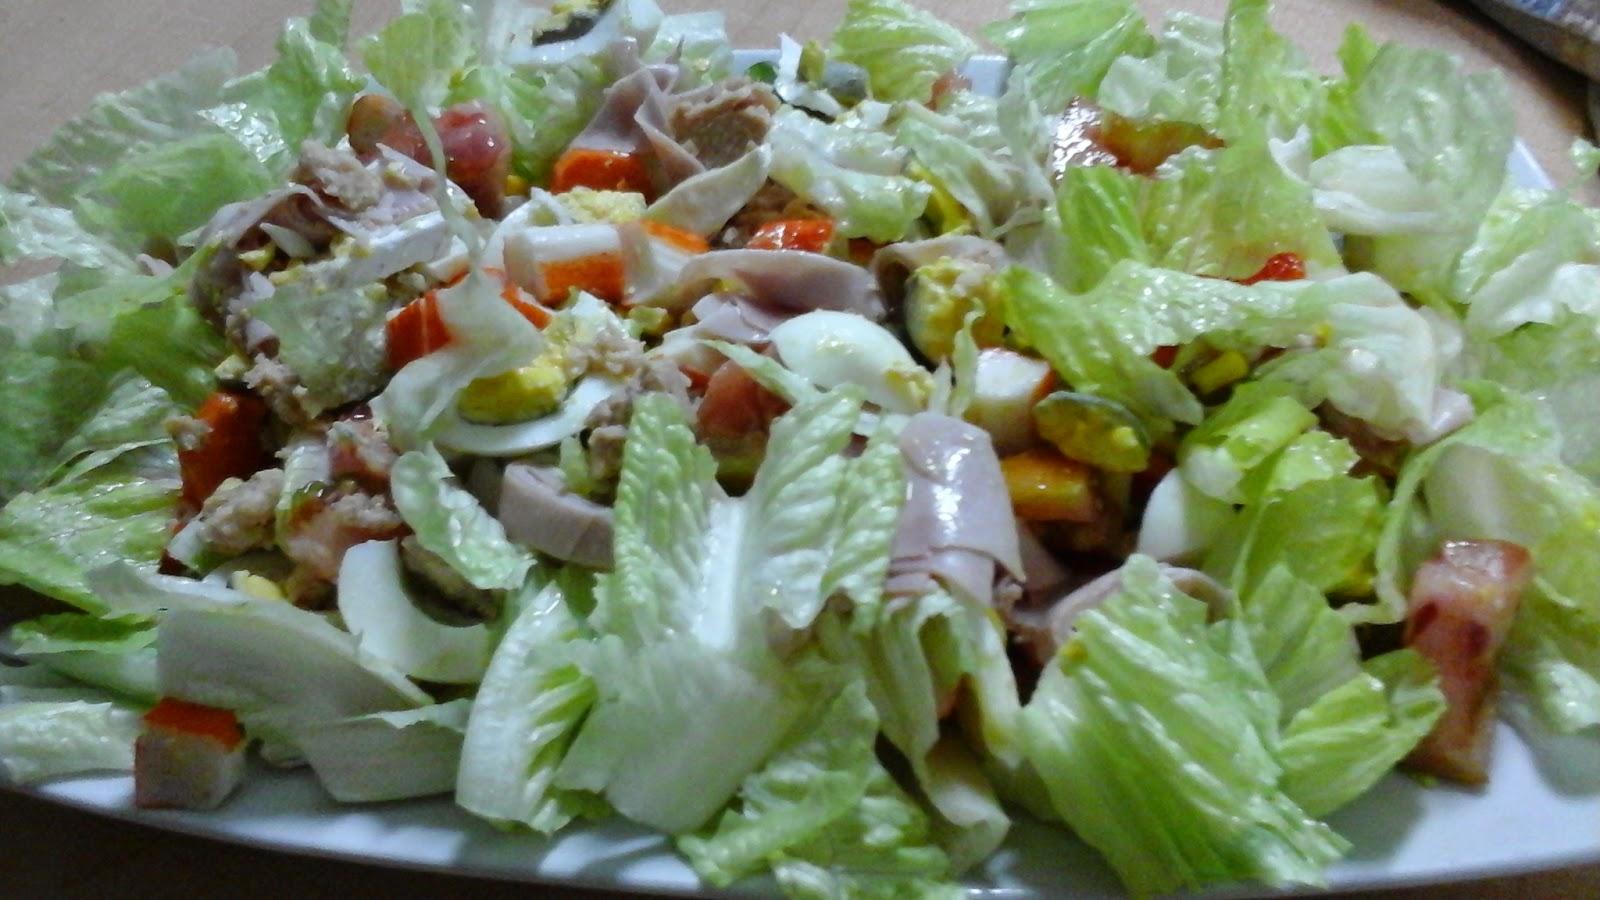 Una yeclana en la cocina ensalada para cenar for Que puedo hacer para cenar